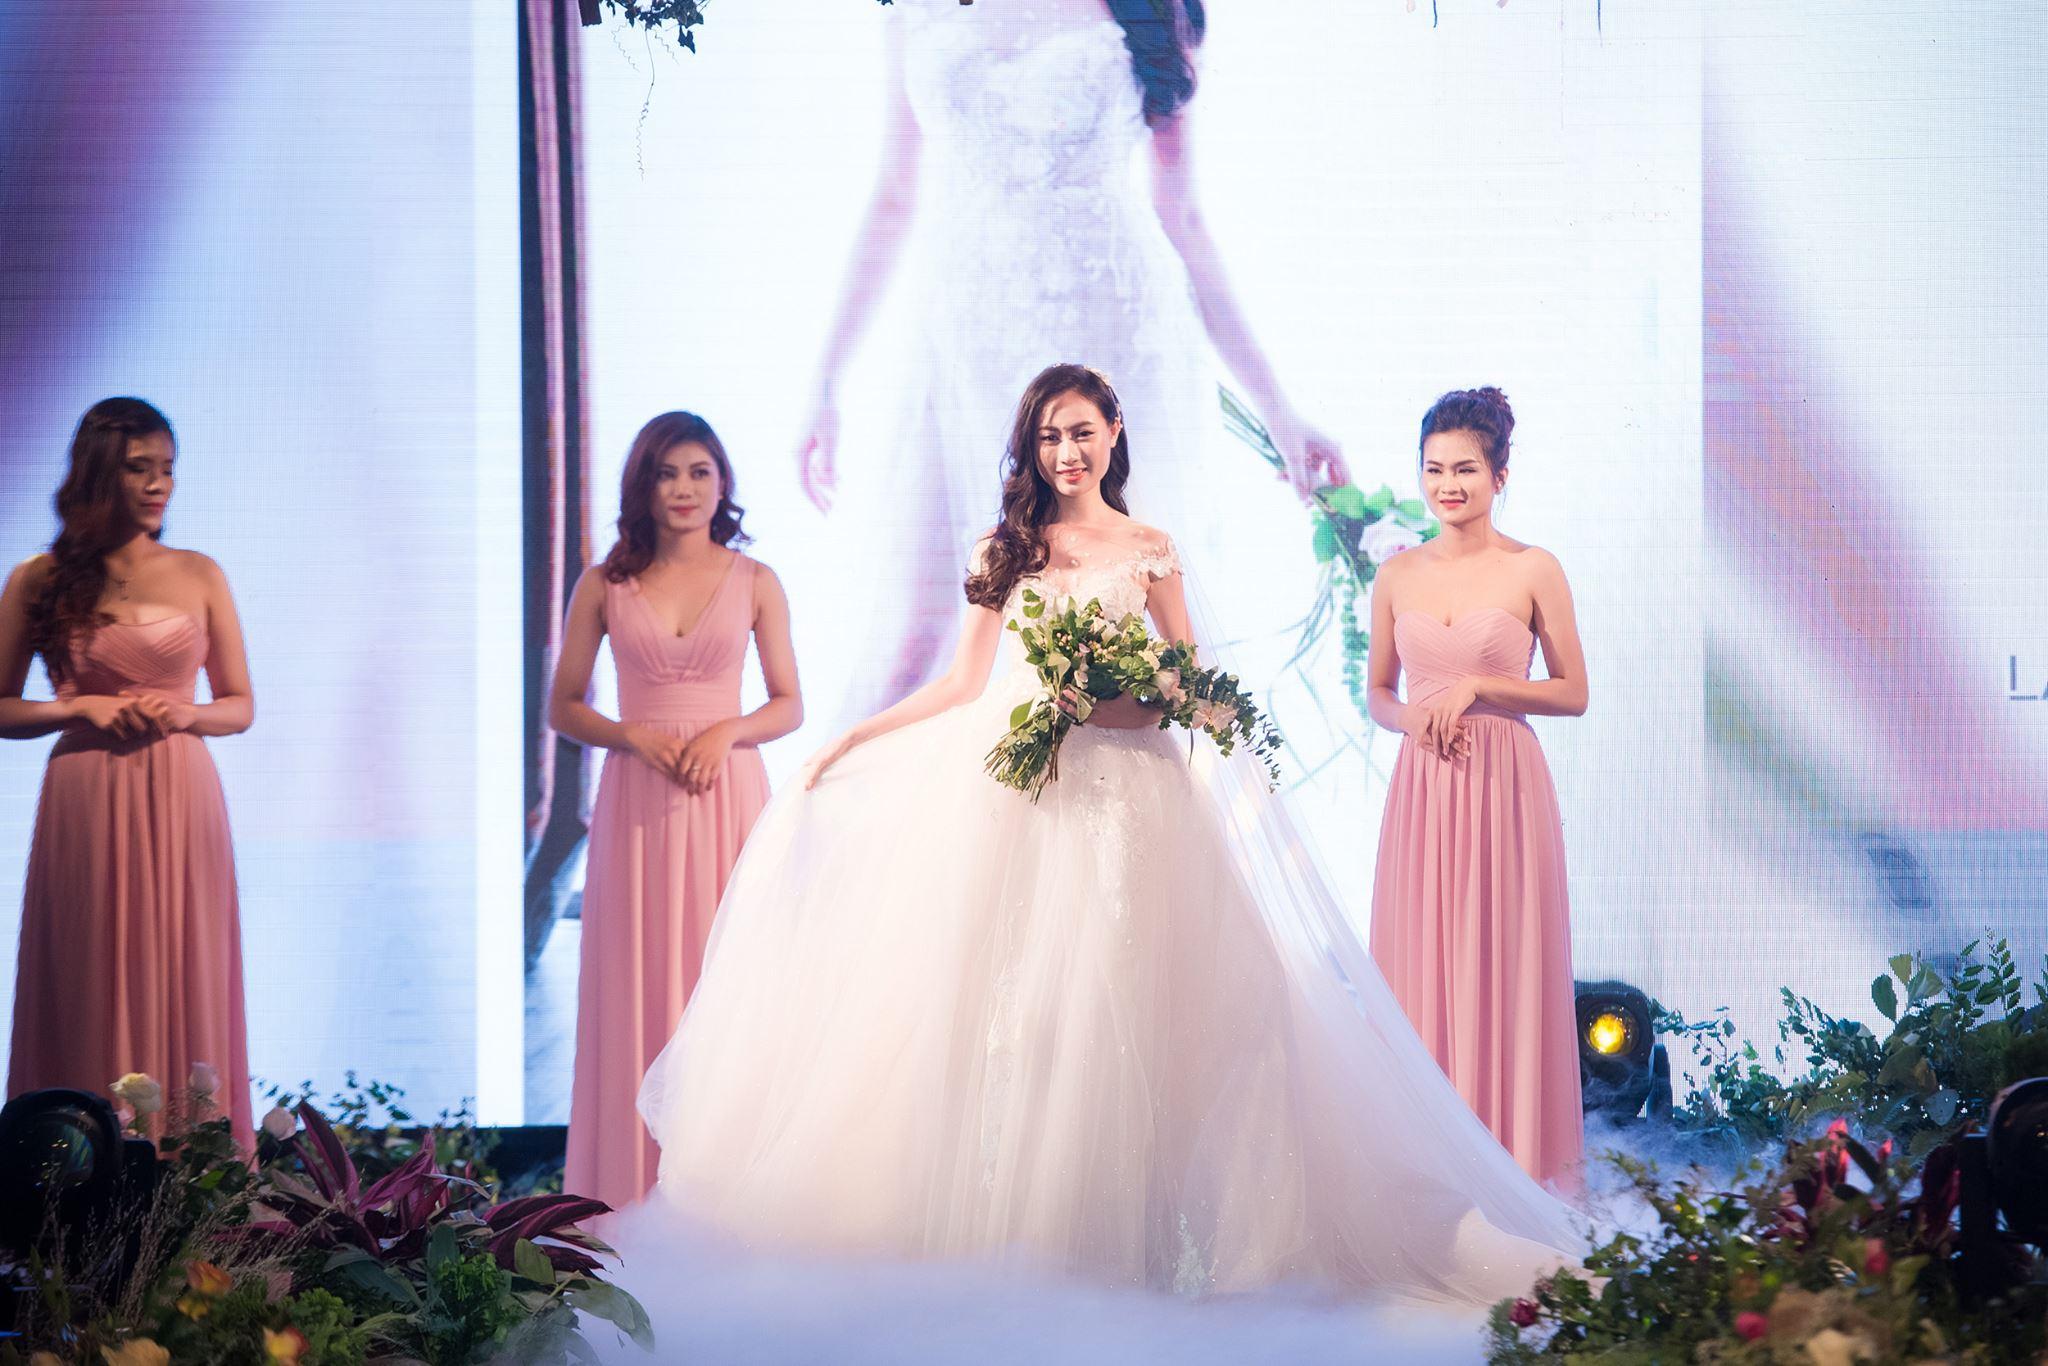 Nếu có ý định tìm cho mình một chiếc váy cưới thật chất, đây là gợi ý cho bạn - Ảnh 7.